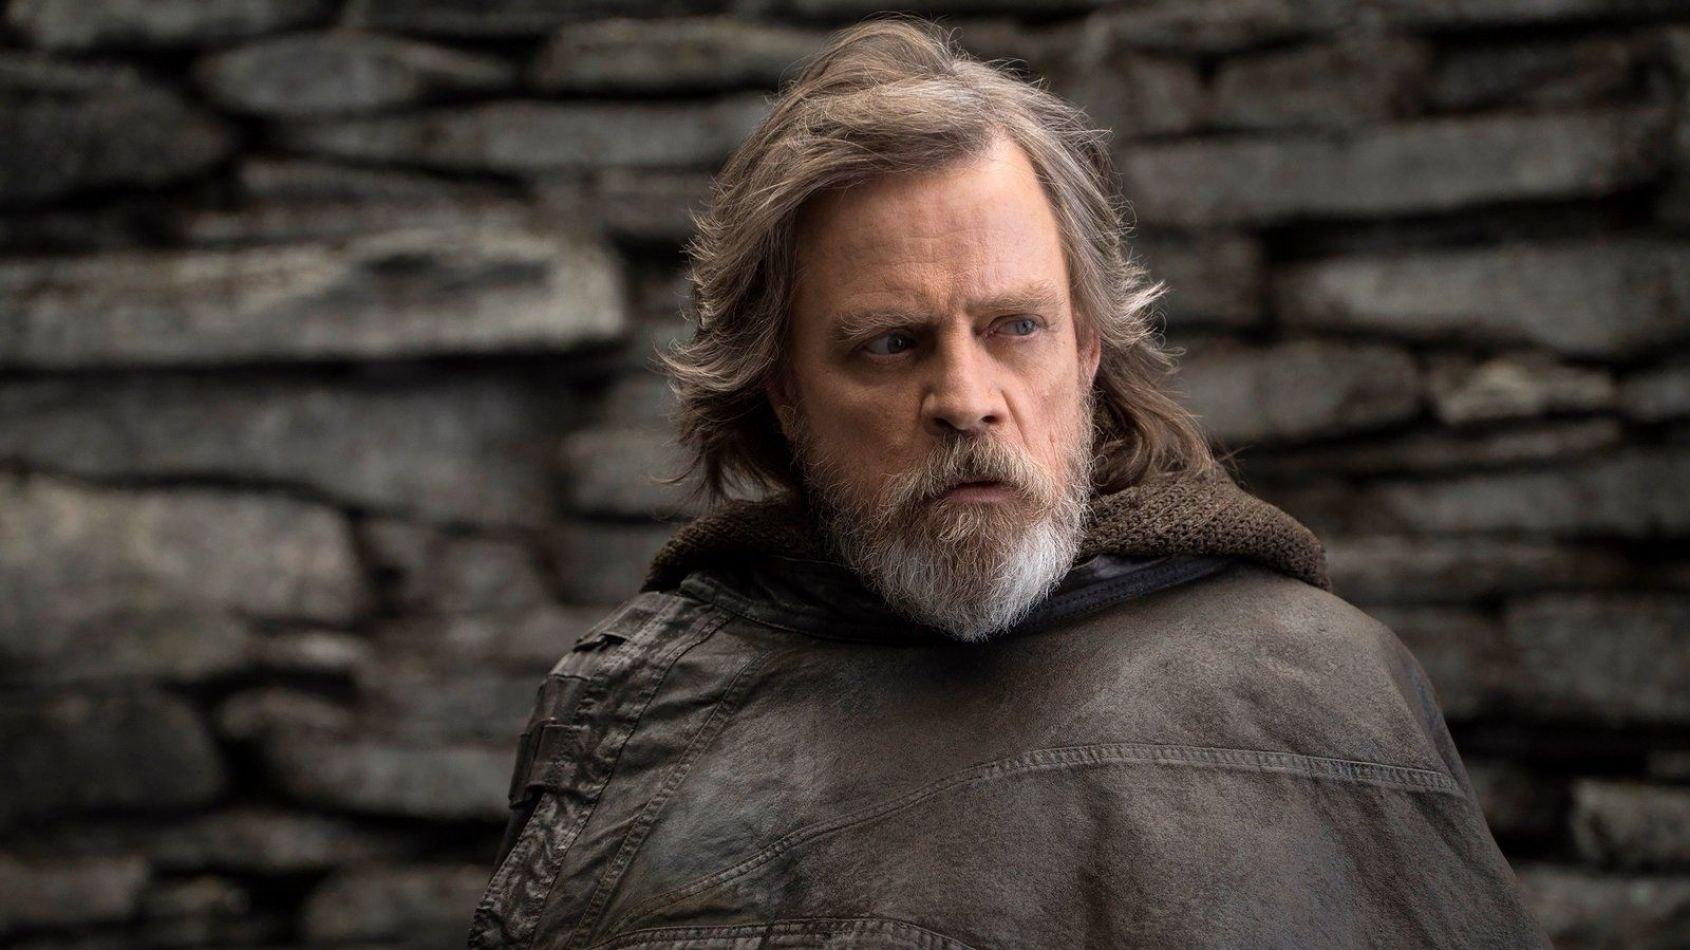 Pourquoi Luke avait le sabre de son père sur Crait ?